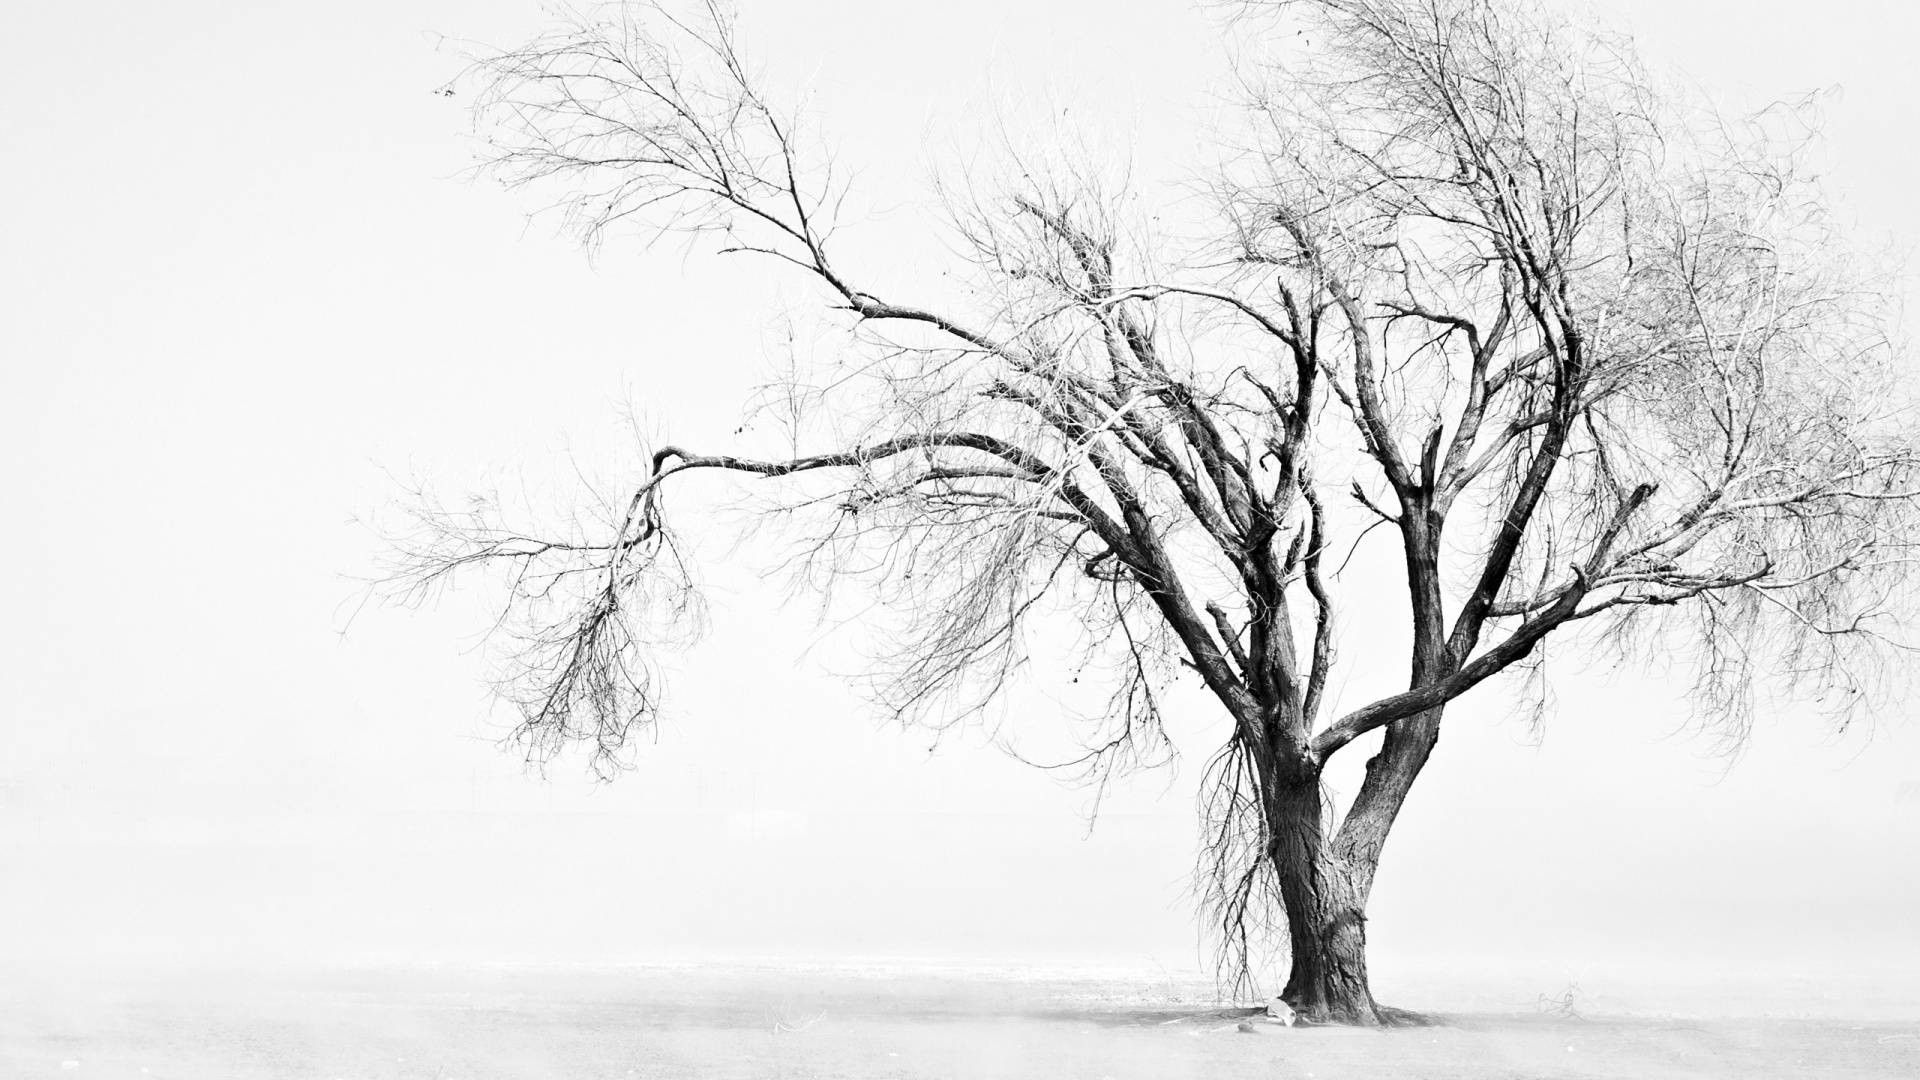 Hình nền cây trắng đen